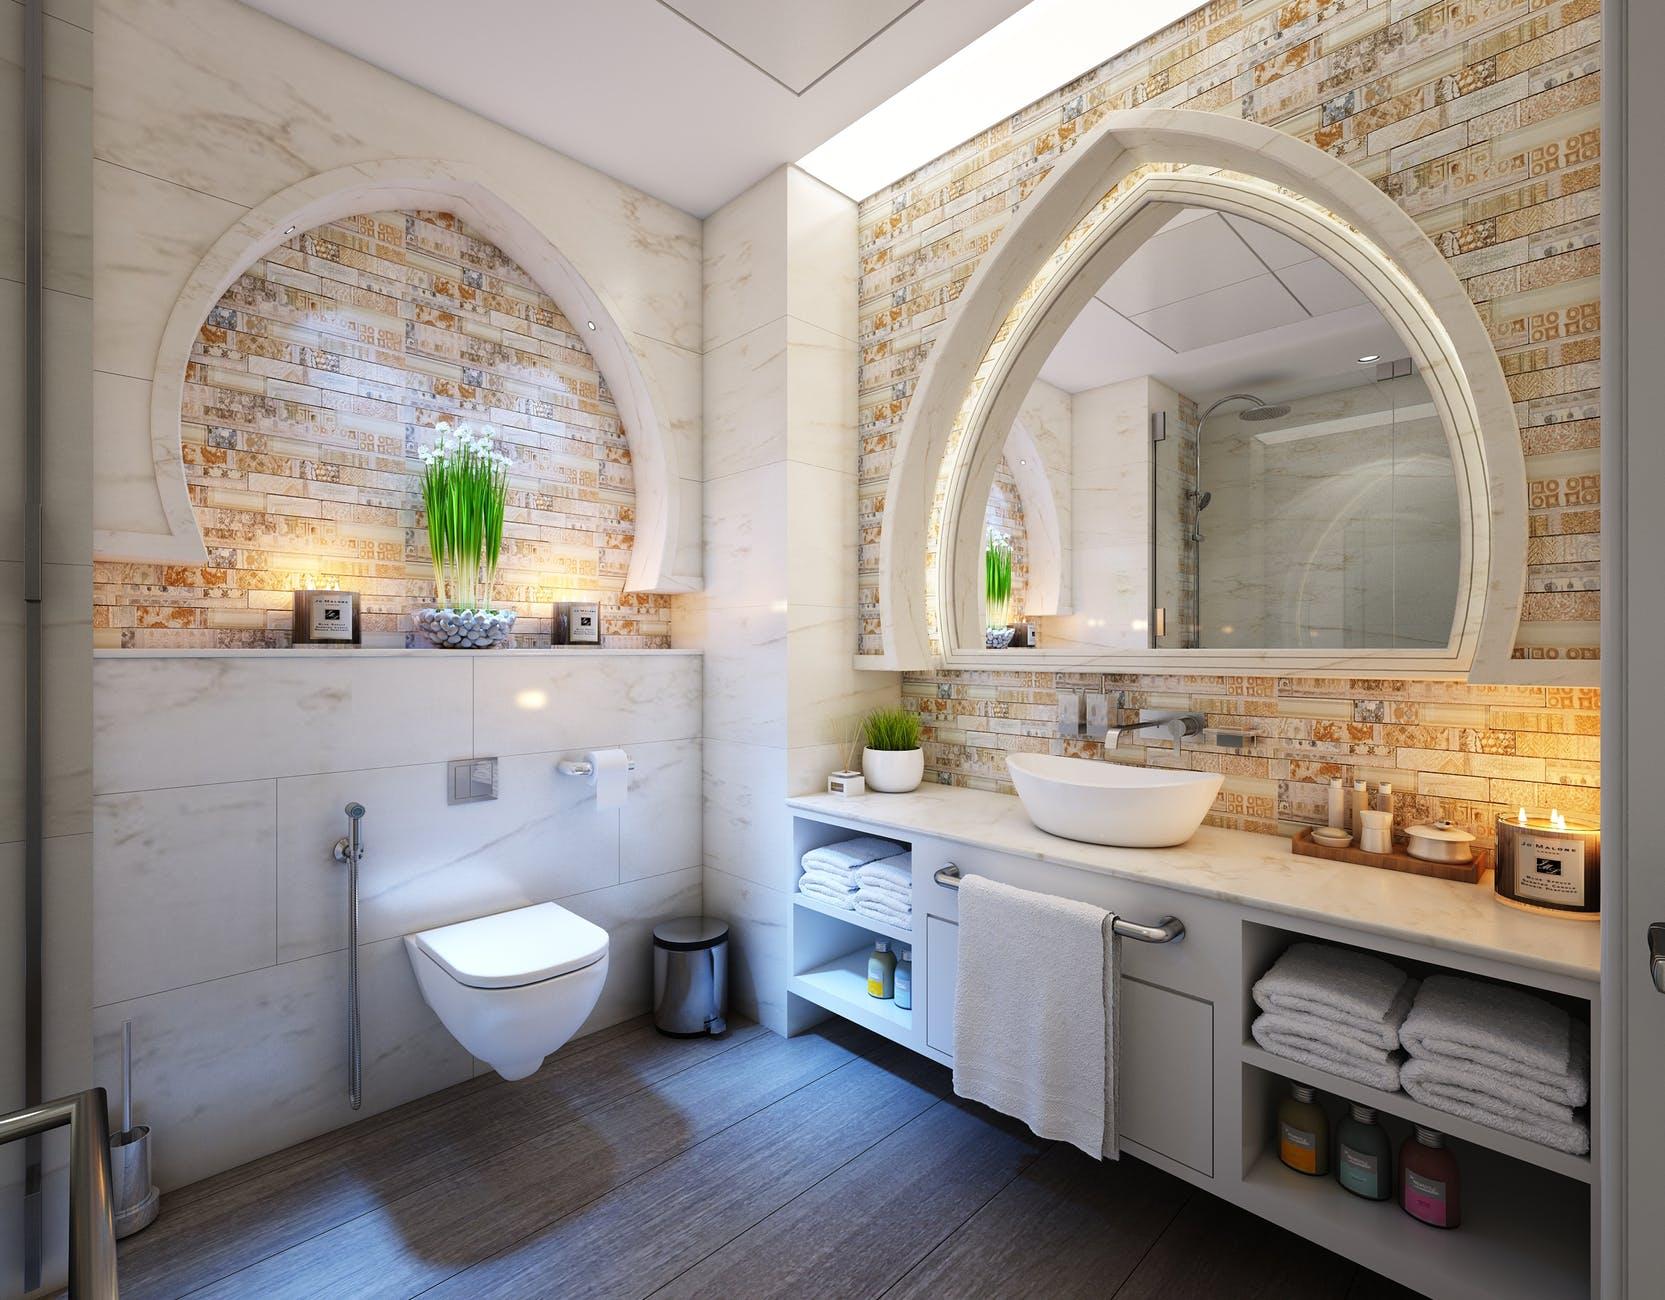 Ladící koupelna může vypadat naprosto dokonale